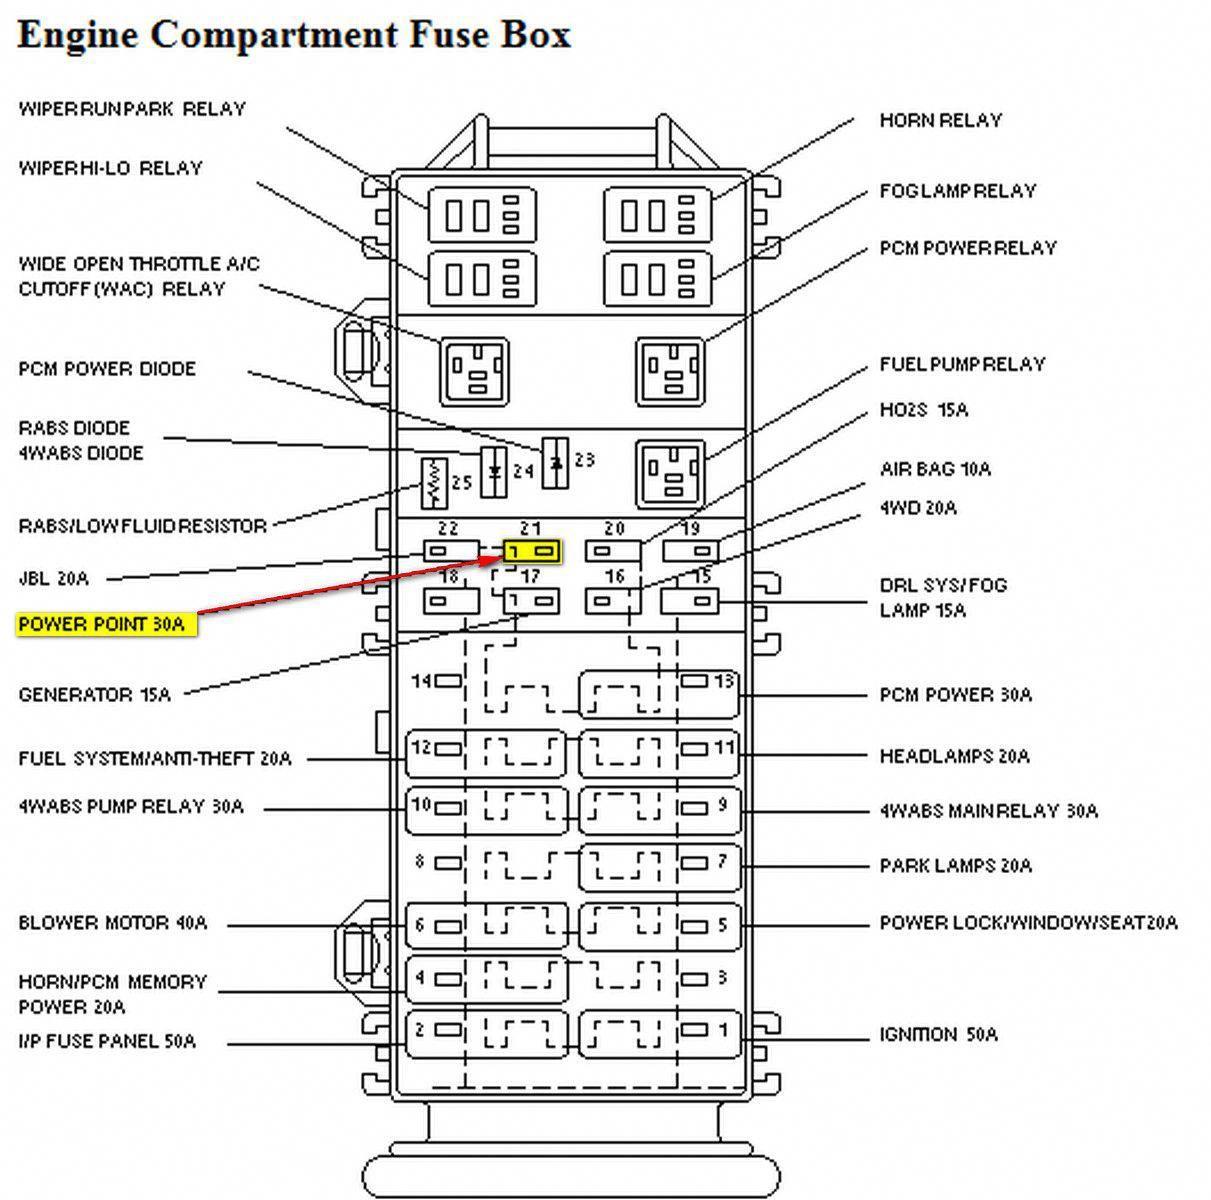 1997 ford ranger fuse box diagram truck part diagrams 80x30interiordoor [ 1211 x 1200 Pixel ]